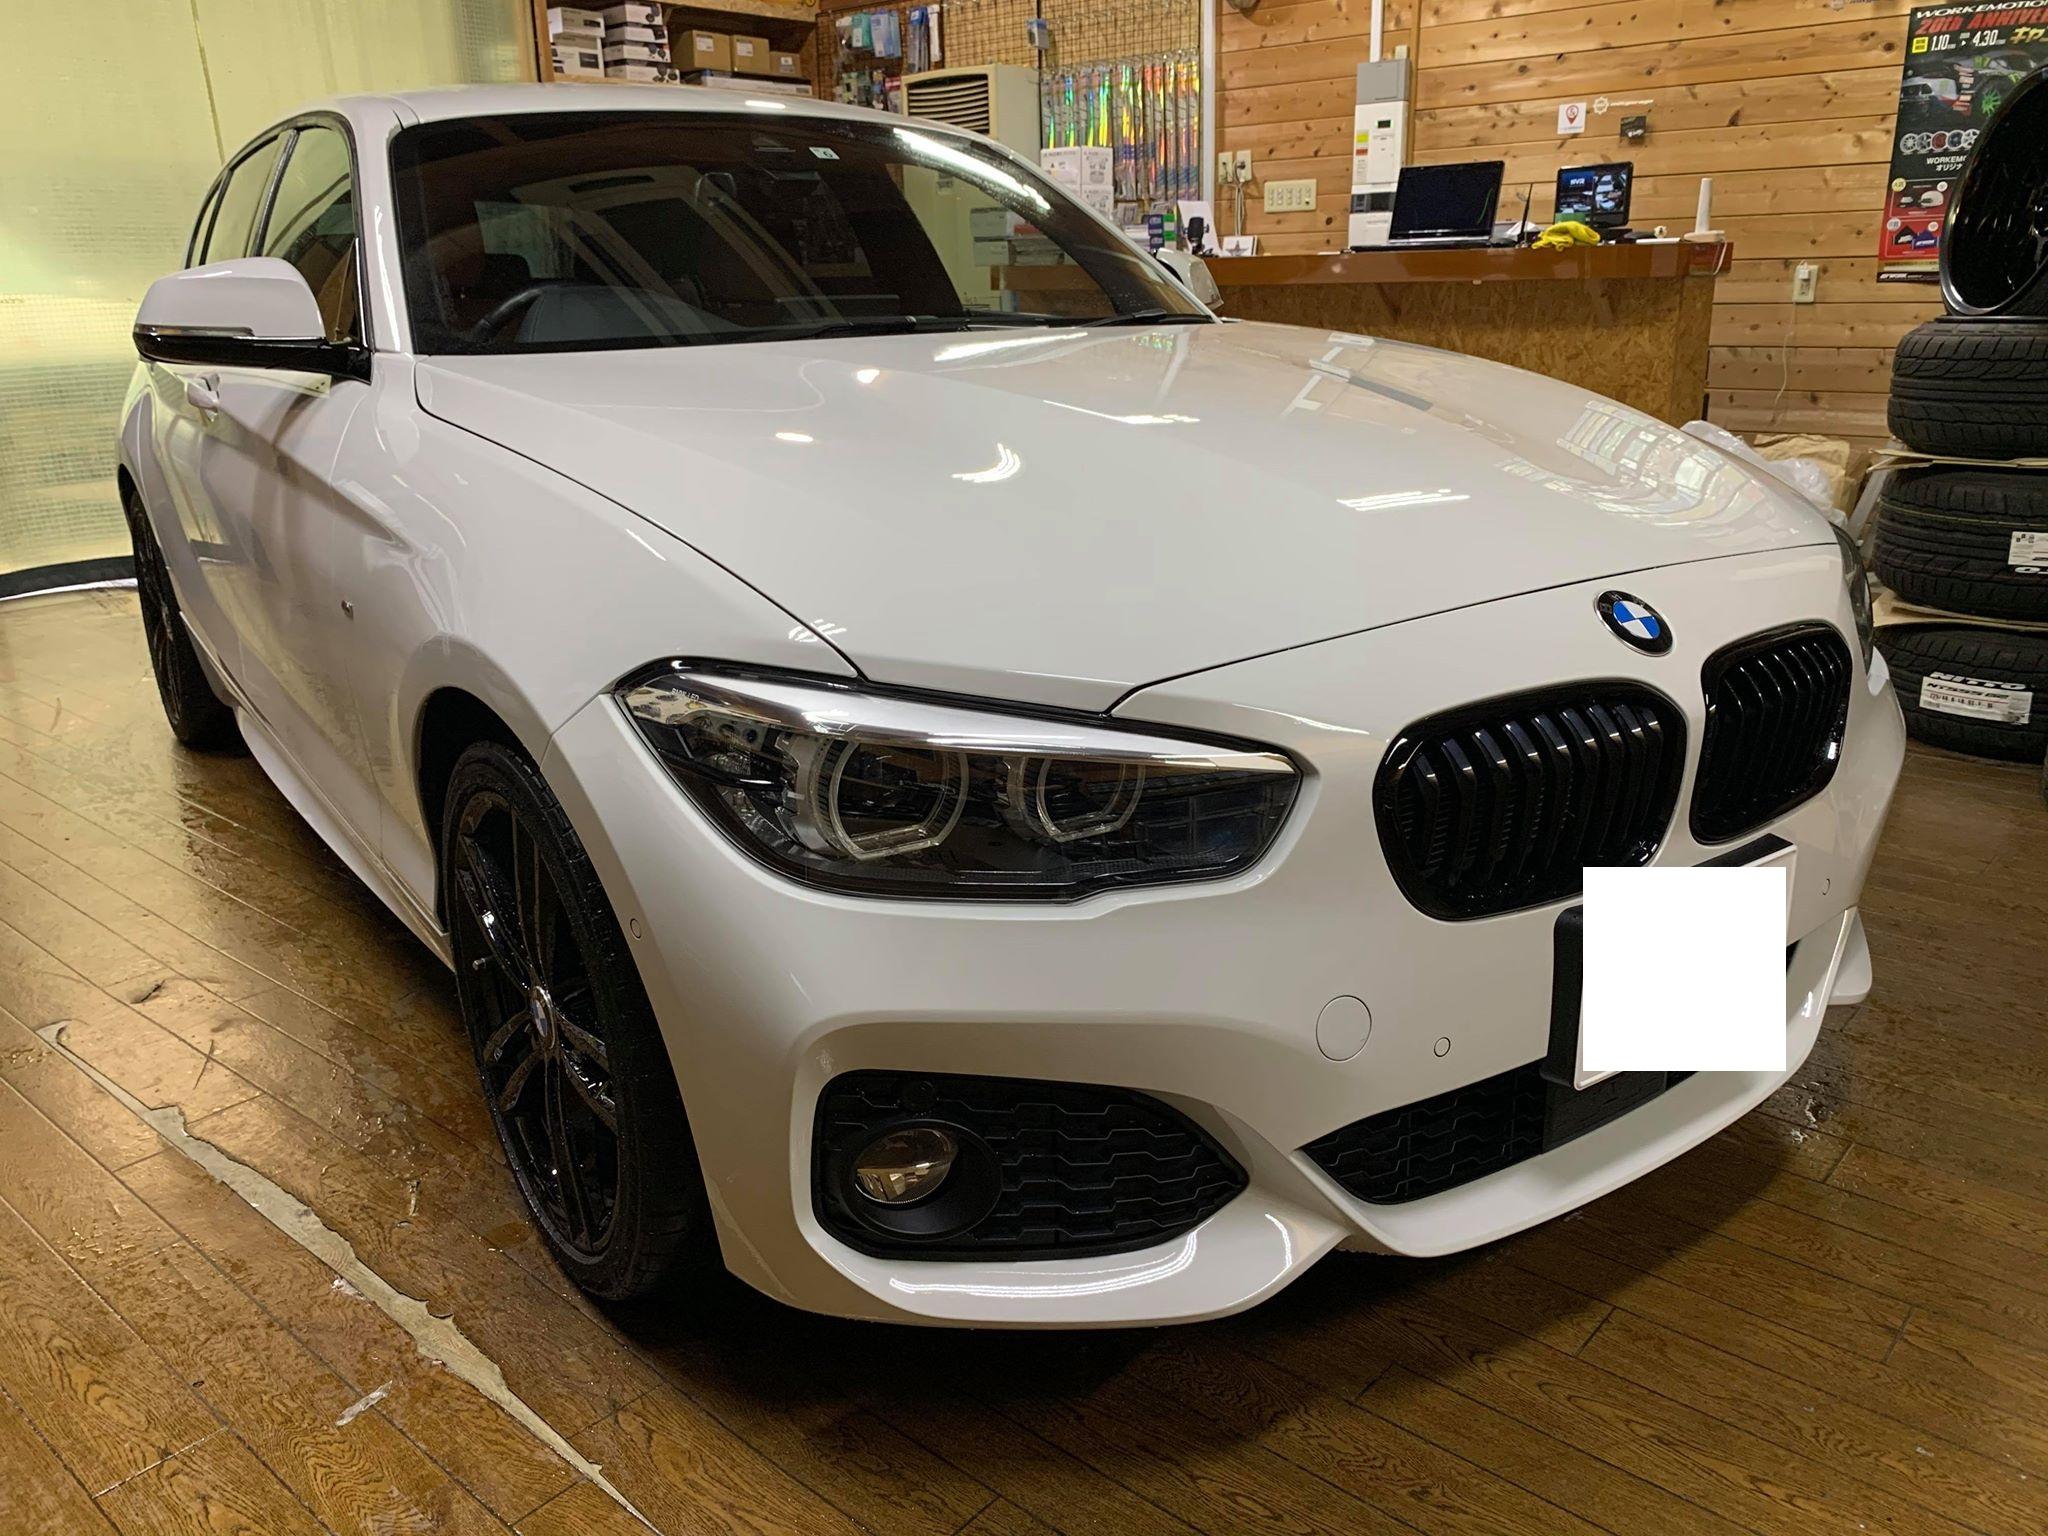 BMWのスピーカーをサウンドアップ!F20にグラウンドゼロトレードインスピーカー取付!